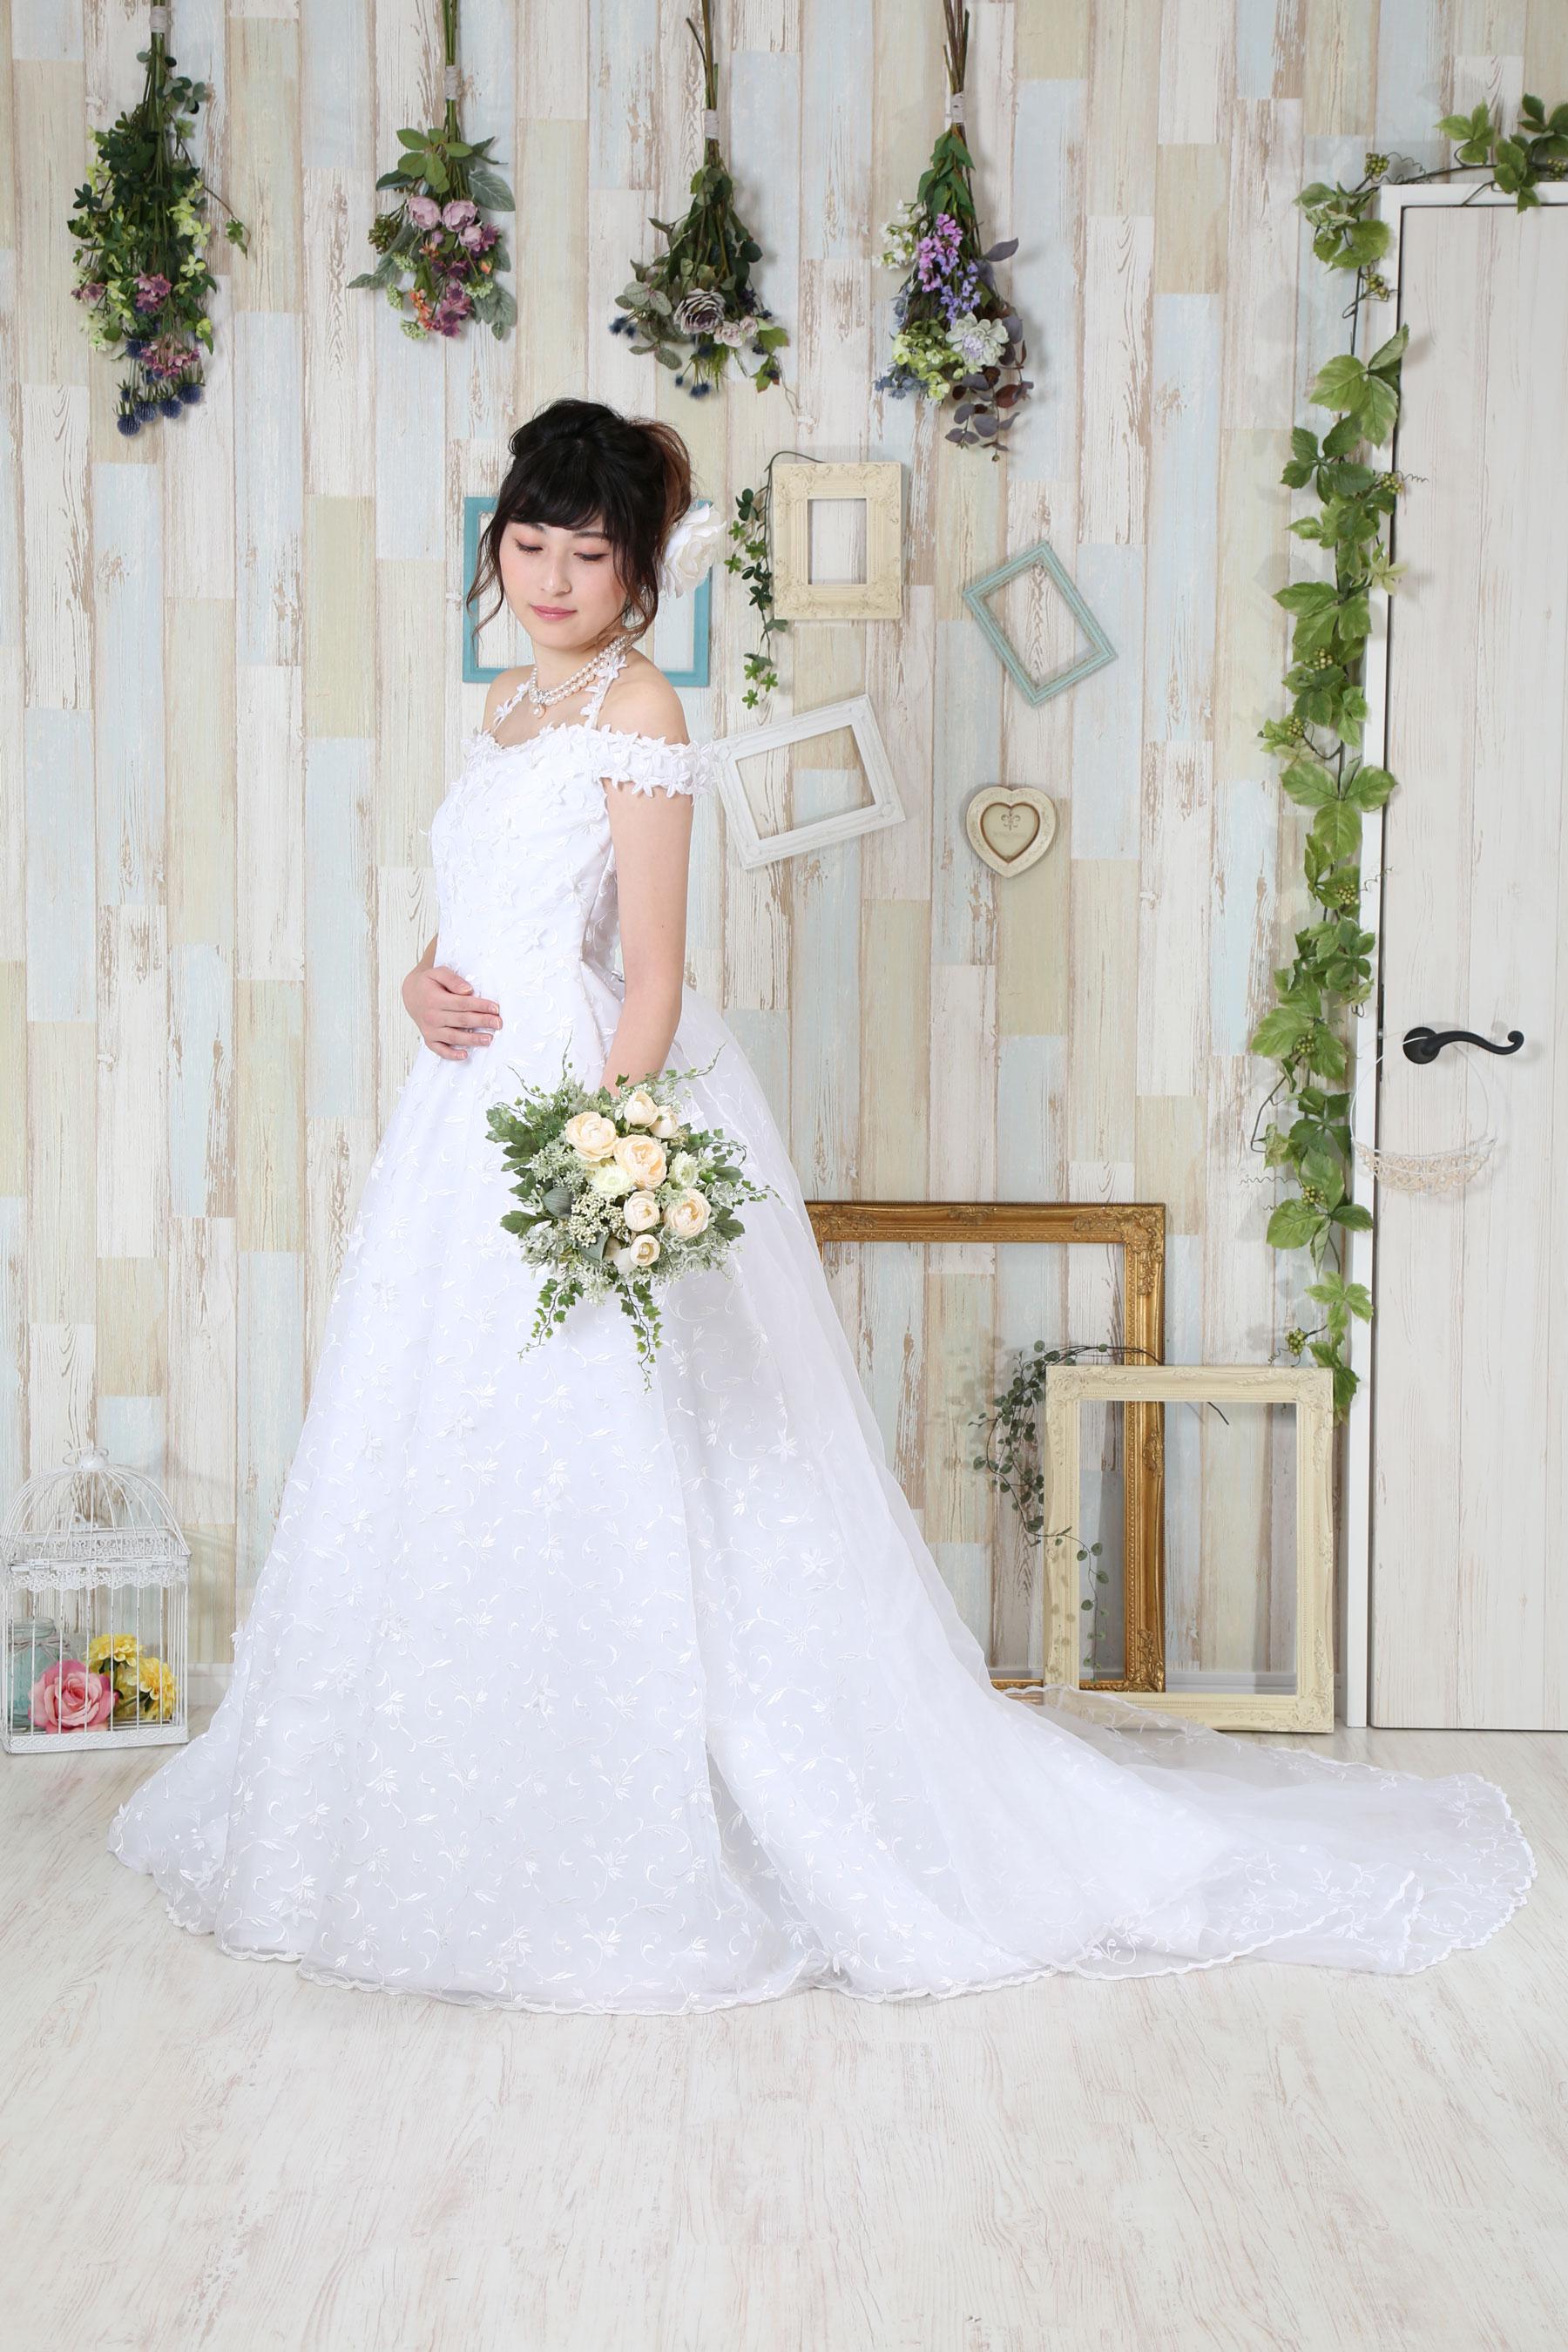 ★20180211-ドレス衣装撮影_068